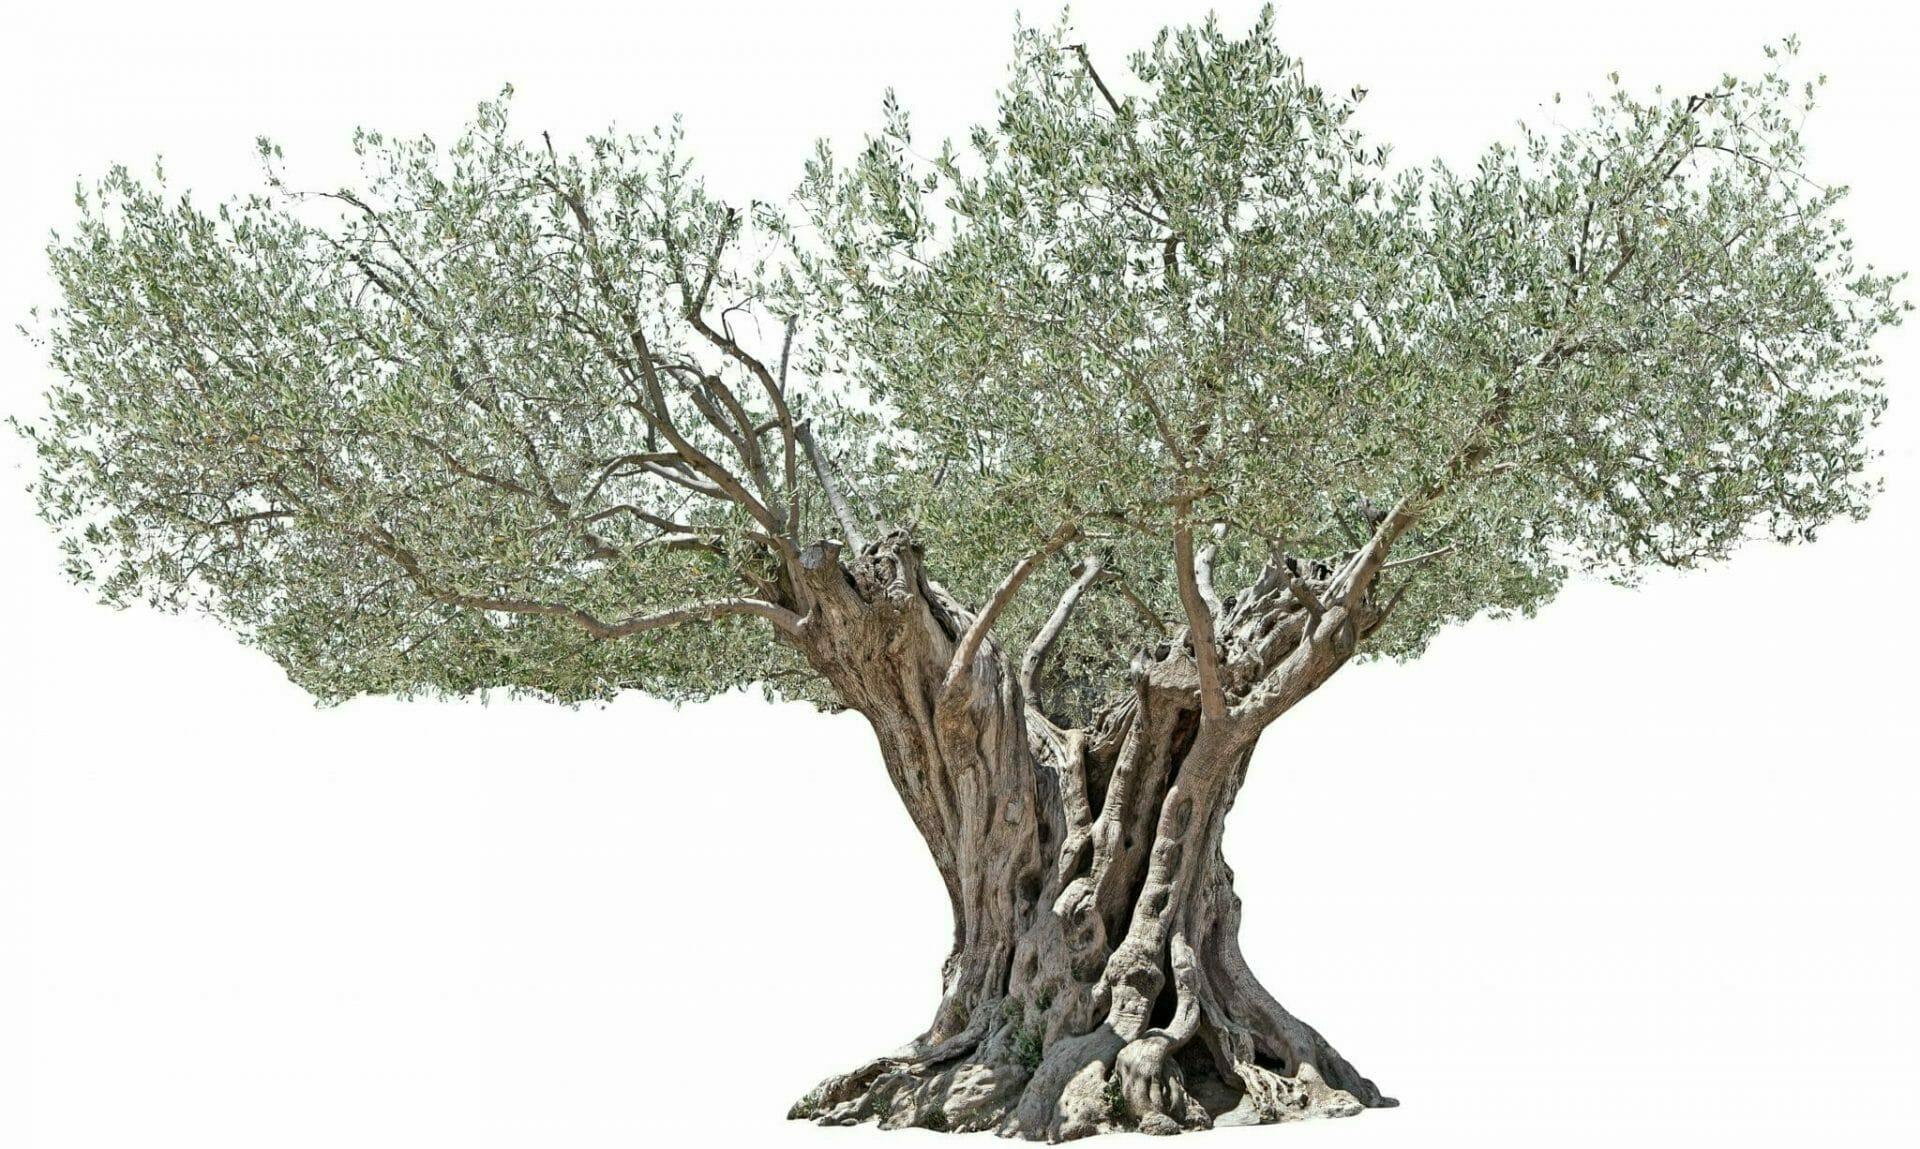 العلماني، شجرة الزيتون، عزل عزل، على أبيض، الخلفية